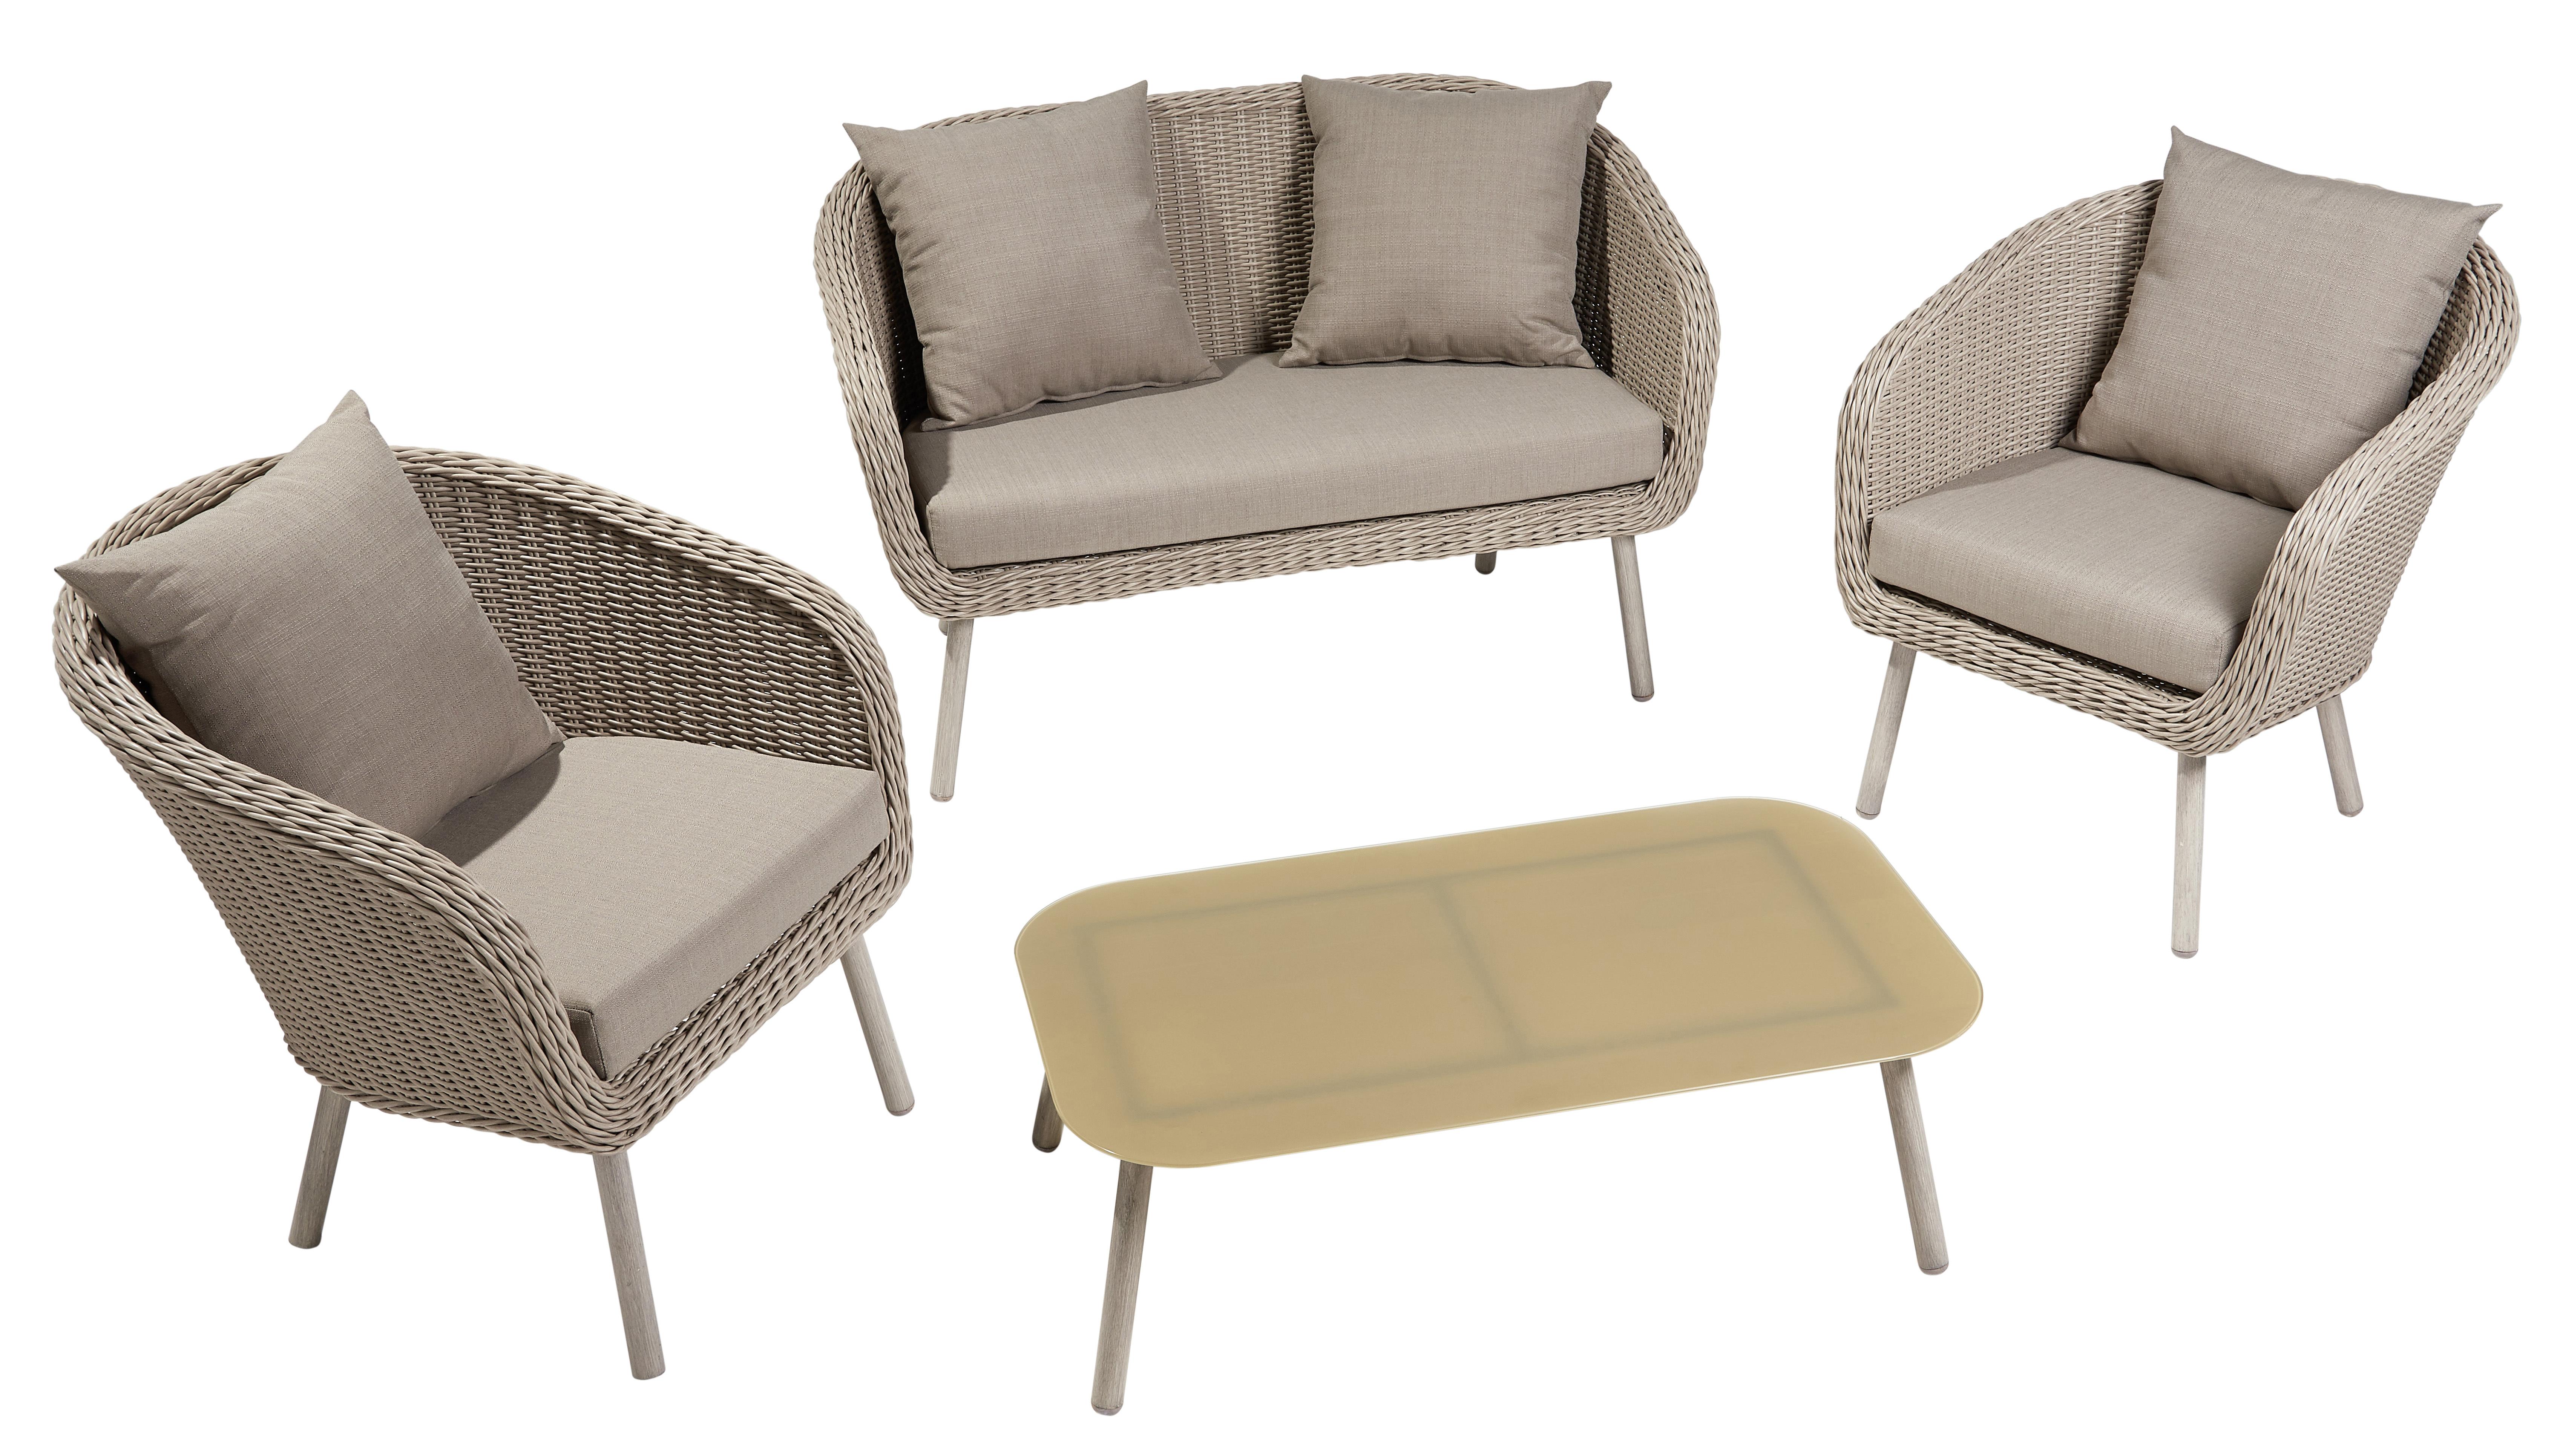 carrefour salon bas de jardin romantique 4 pi ces gd69142 pas cher achat vente. Black Bedroom Furniture Sets. Home Design Ideas